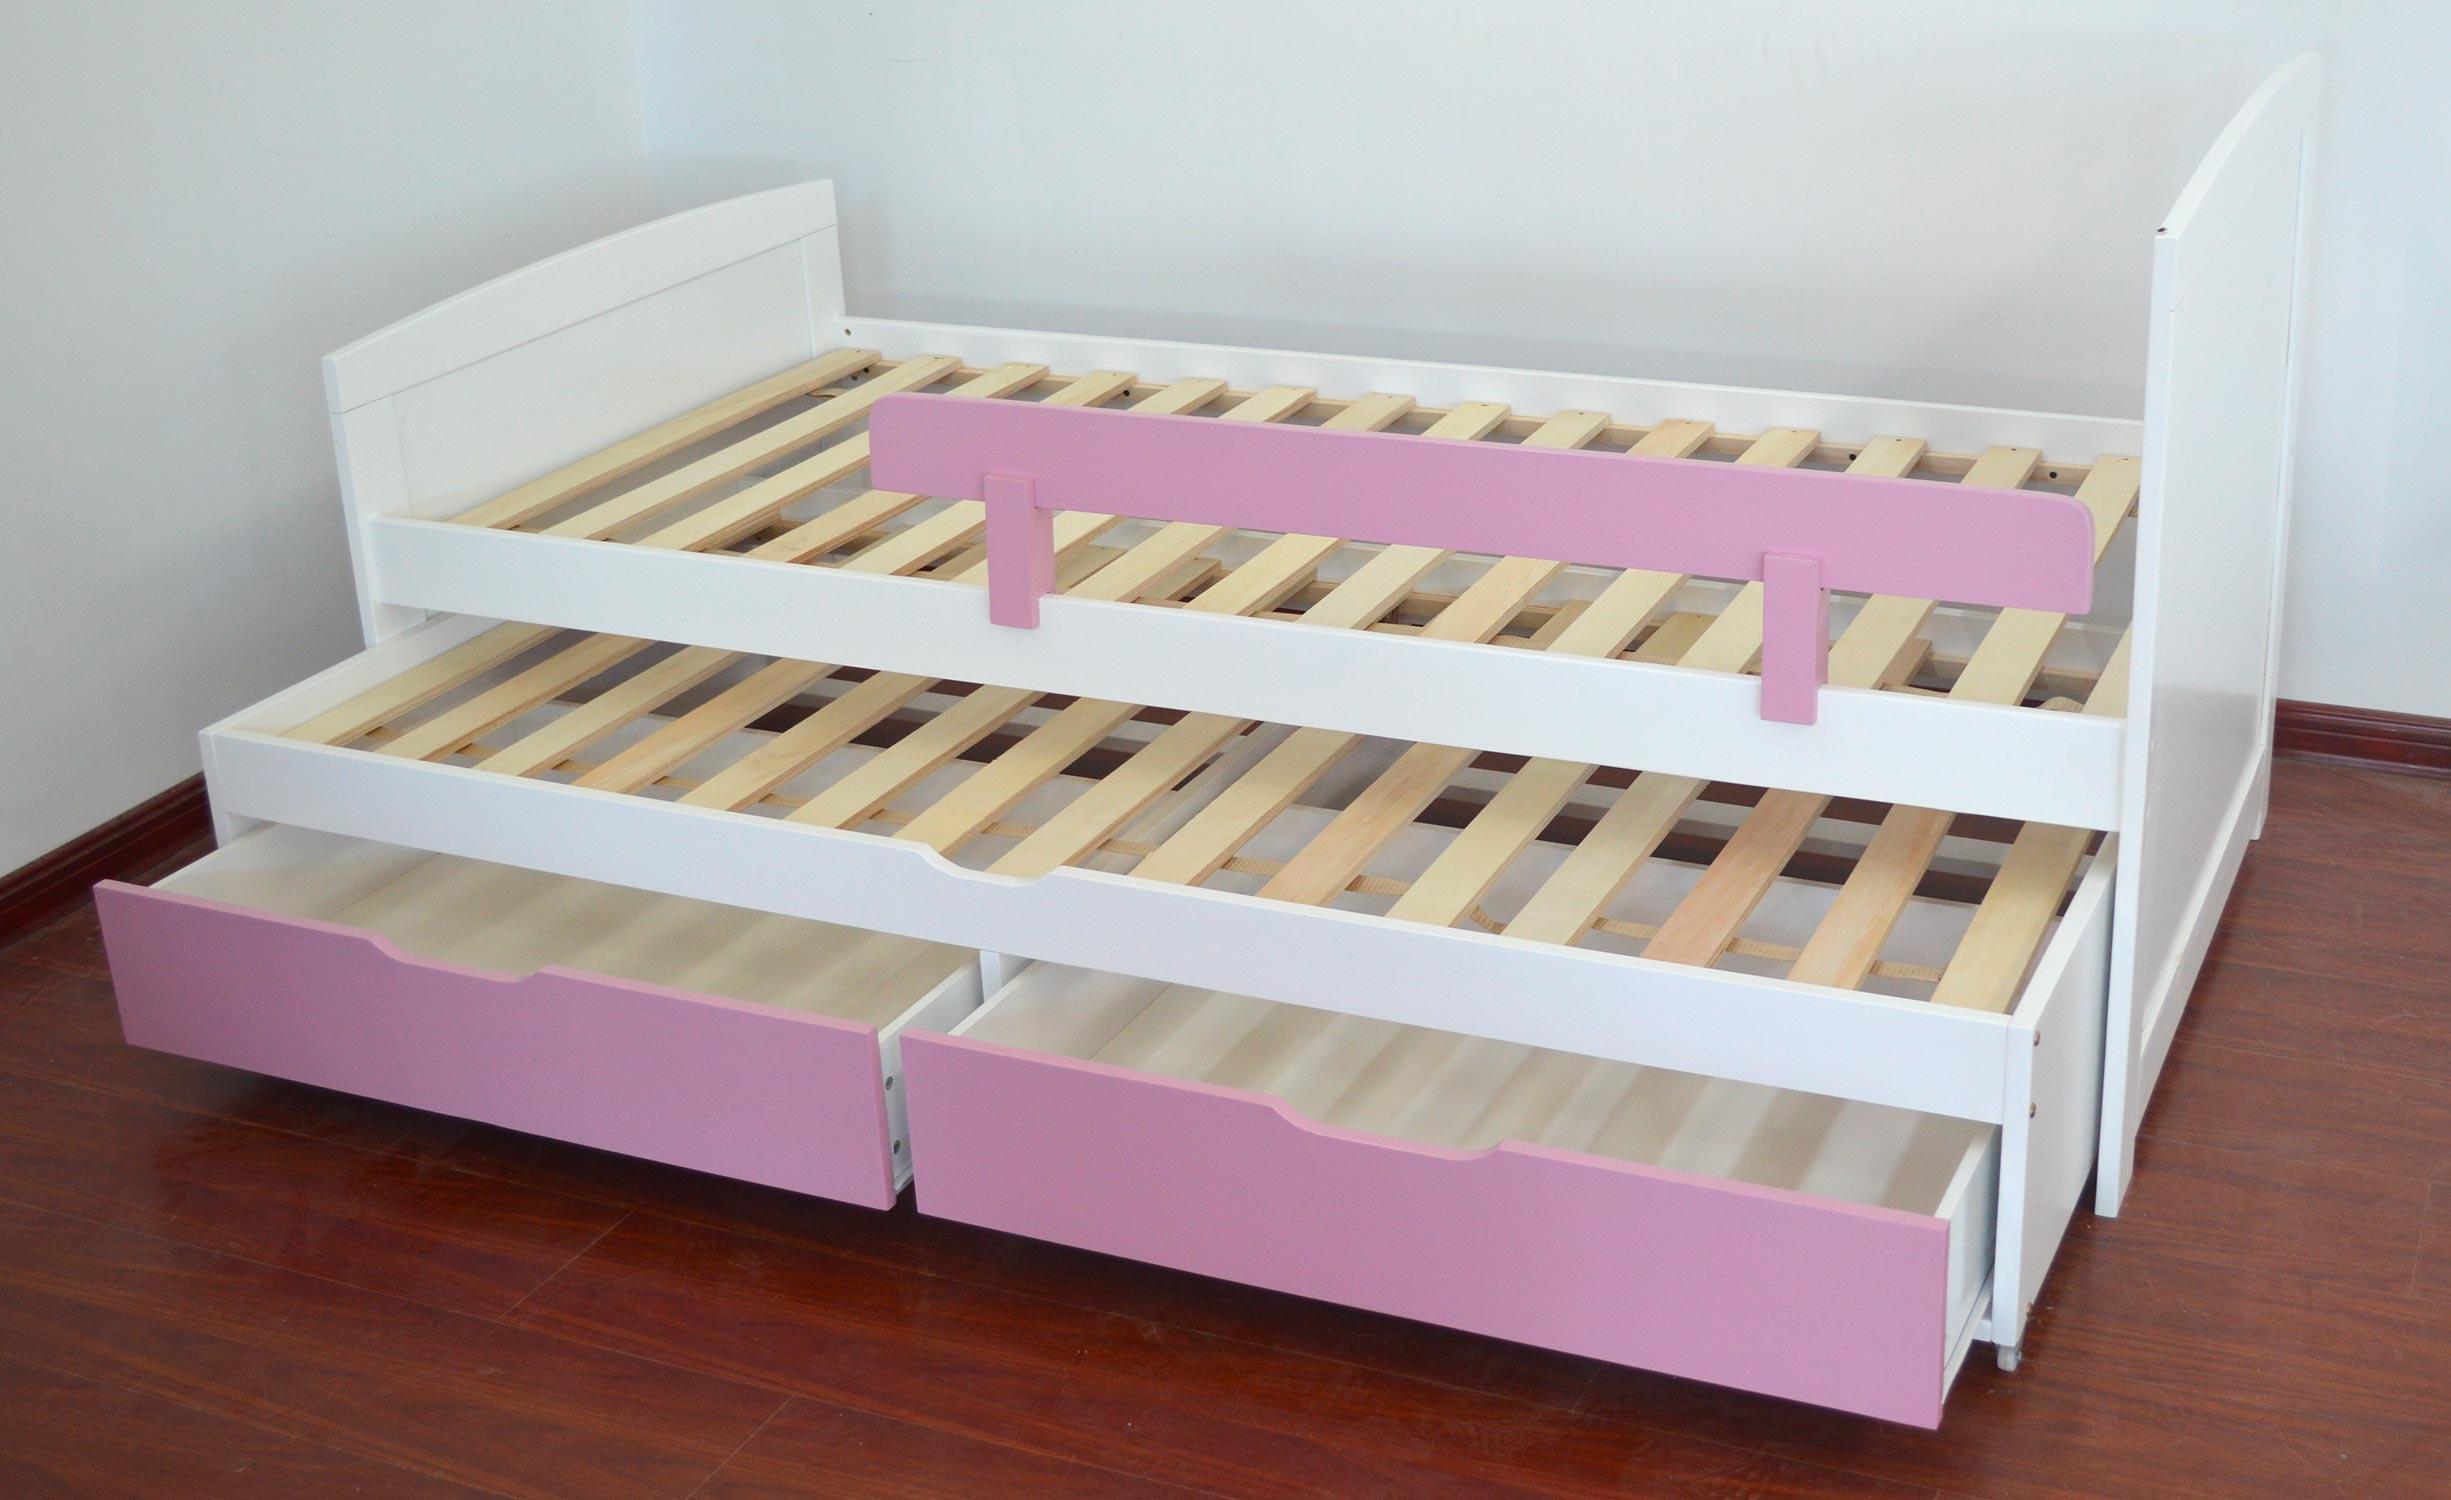 Patapon Ausziehbett für Kinder mit Lattenrost und Bettkästen Weiß & Rosa